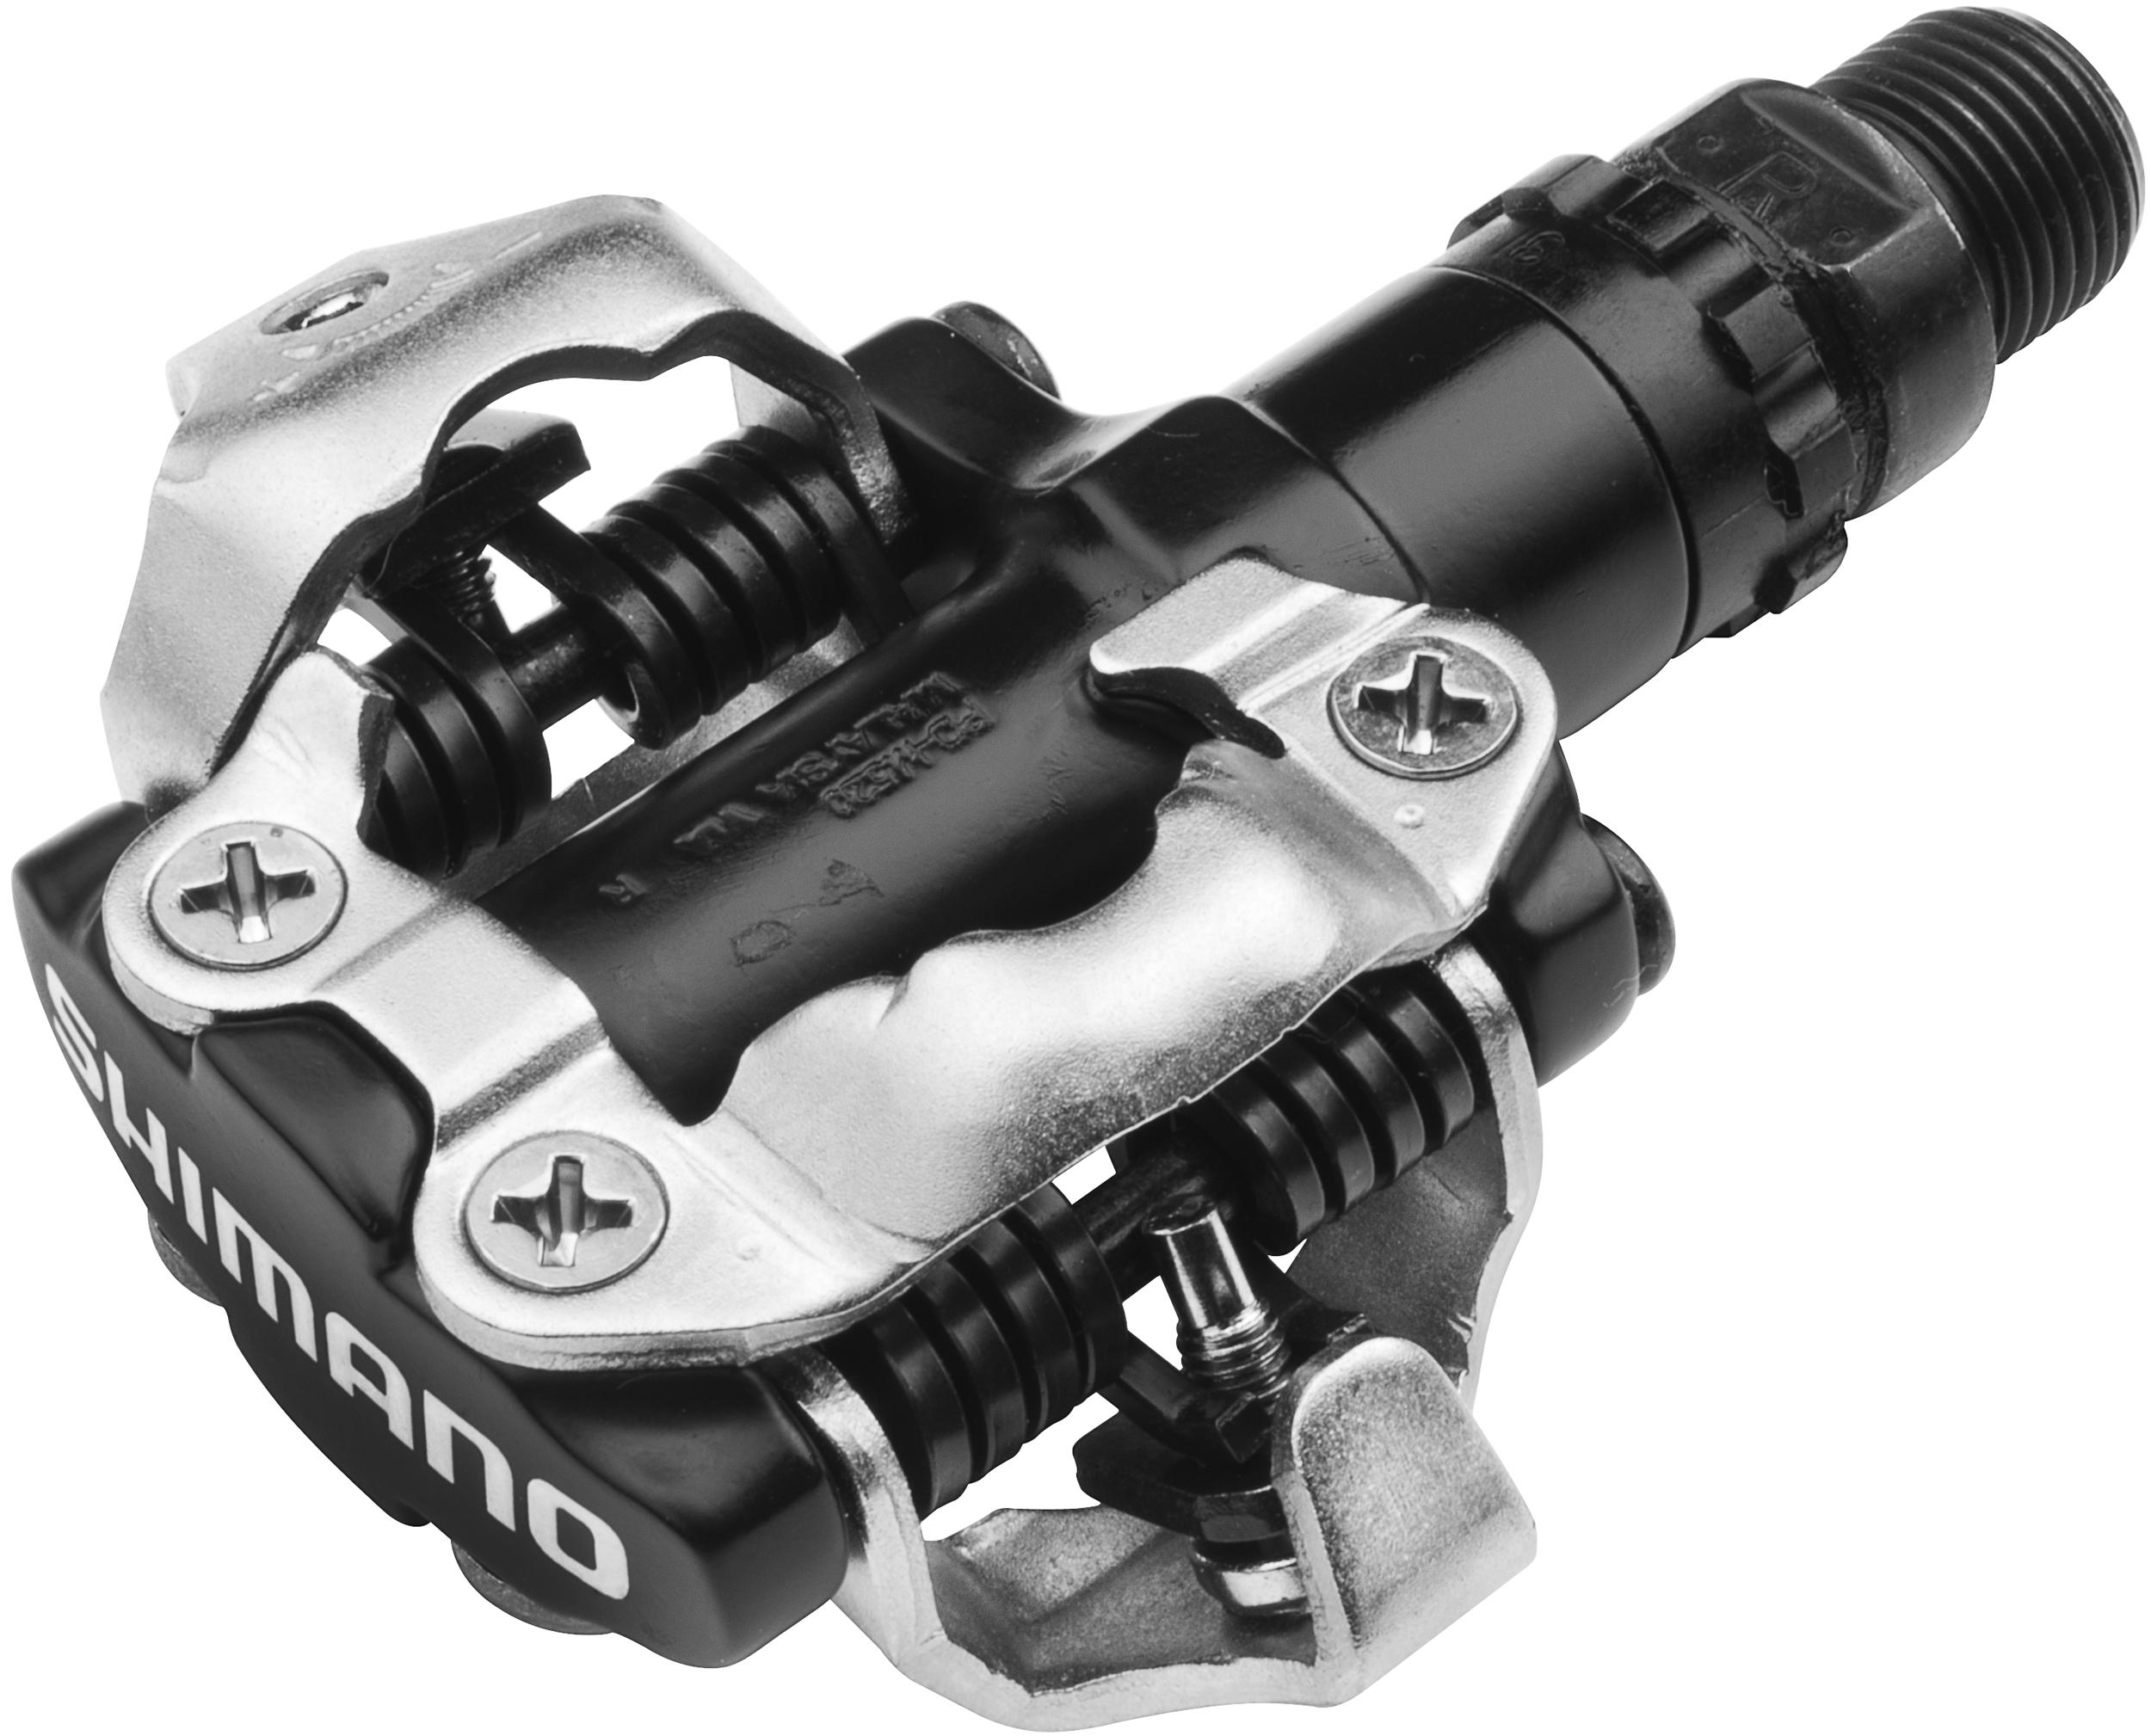 dd79fab2e Shimano PD-M520 SPD Pedals